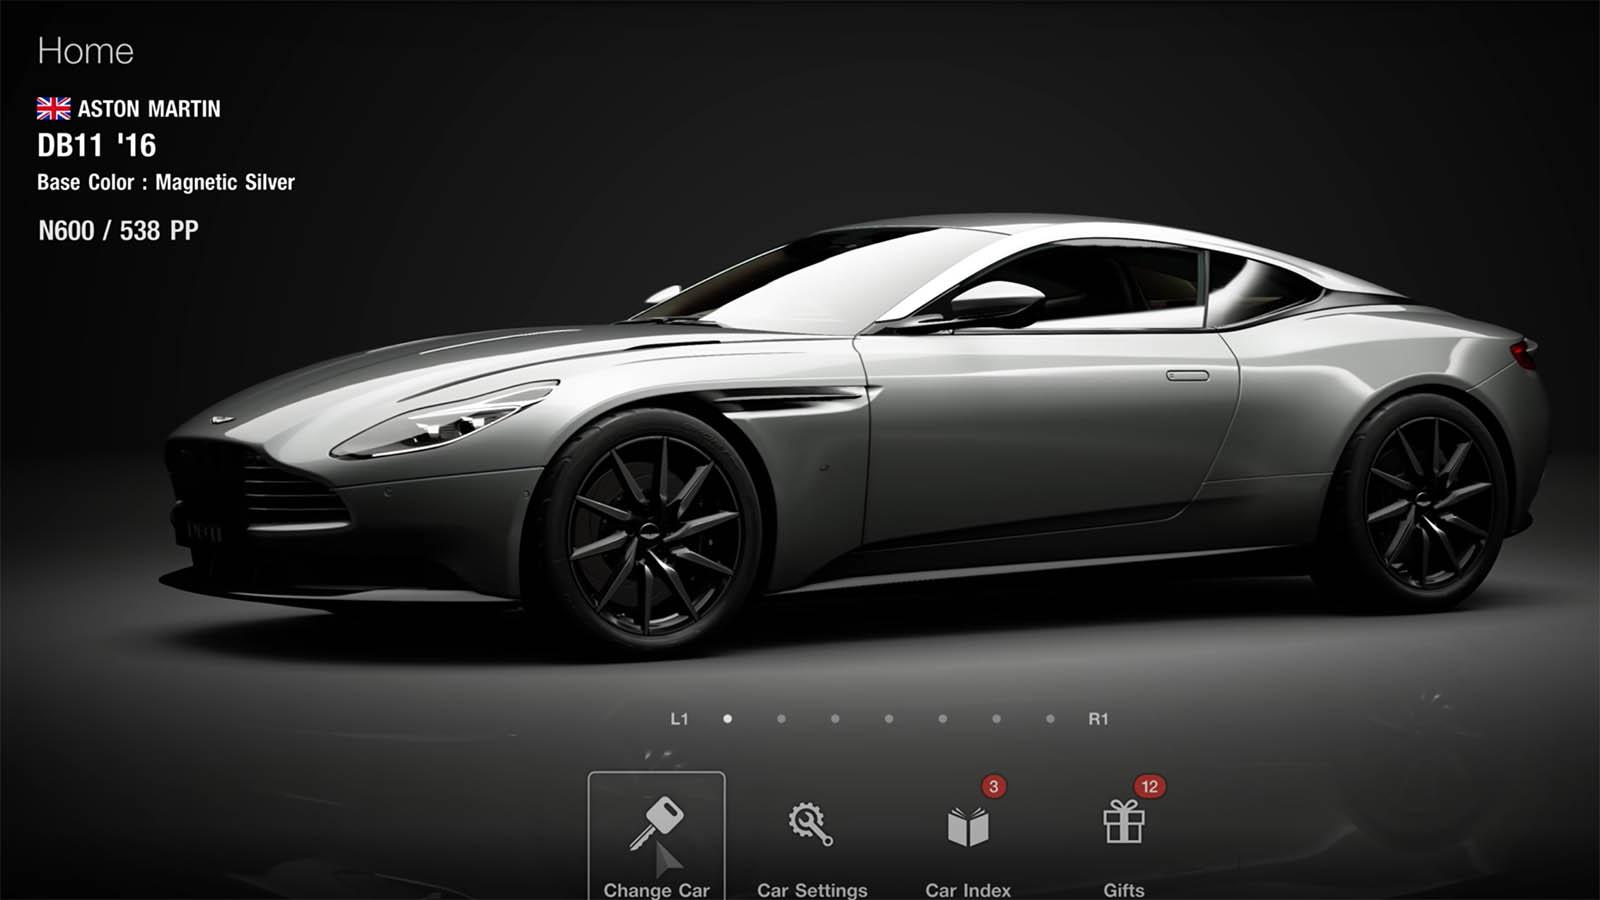 Aston Martin DB11 GT7